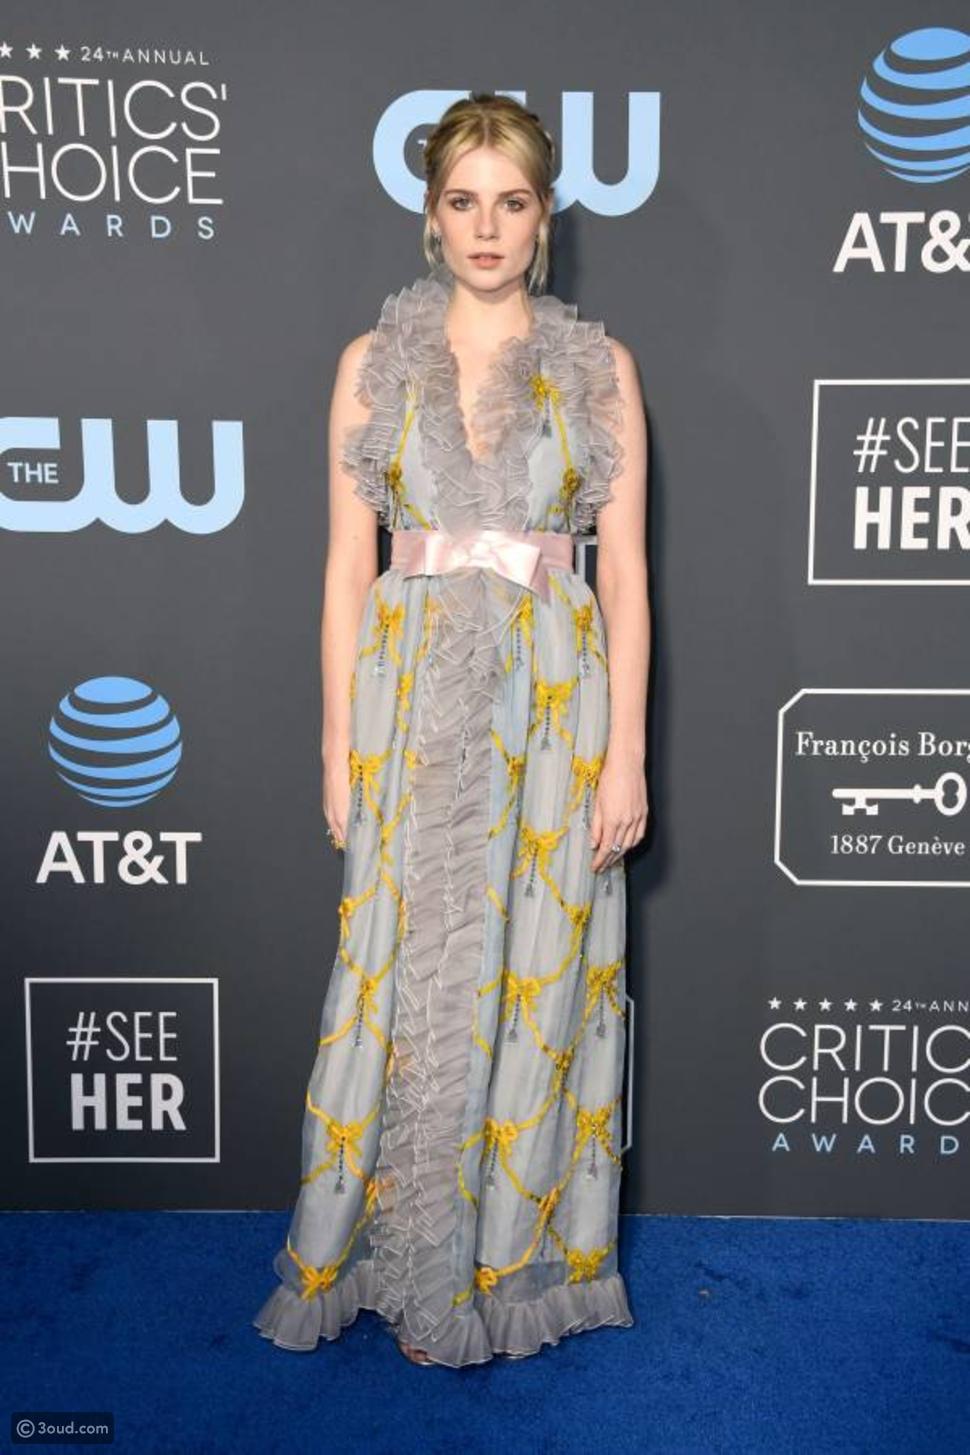 أسوأ إطلالات النجوم في critic's choice awards